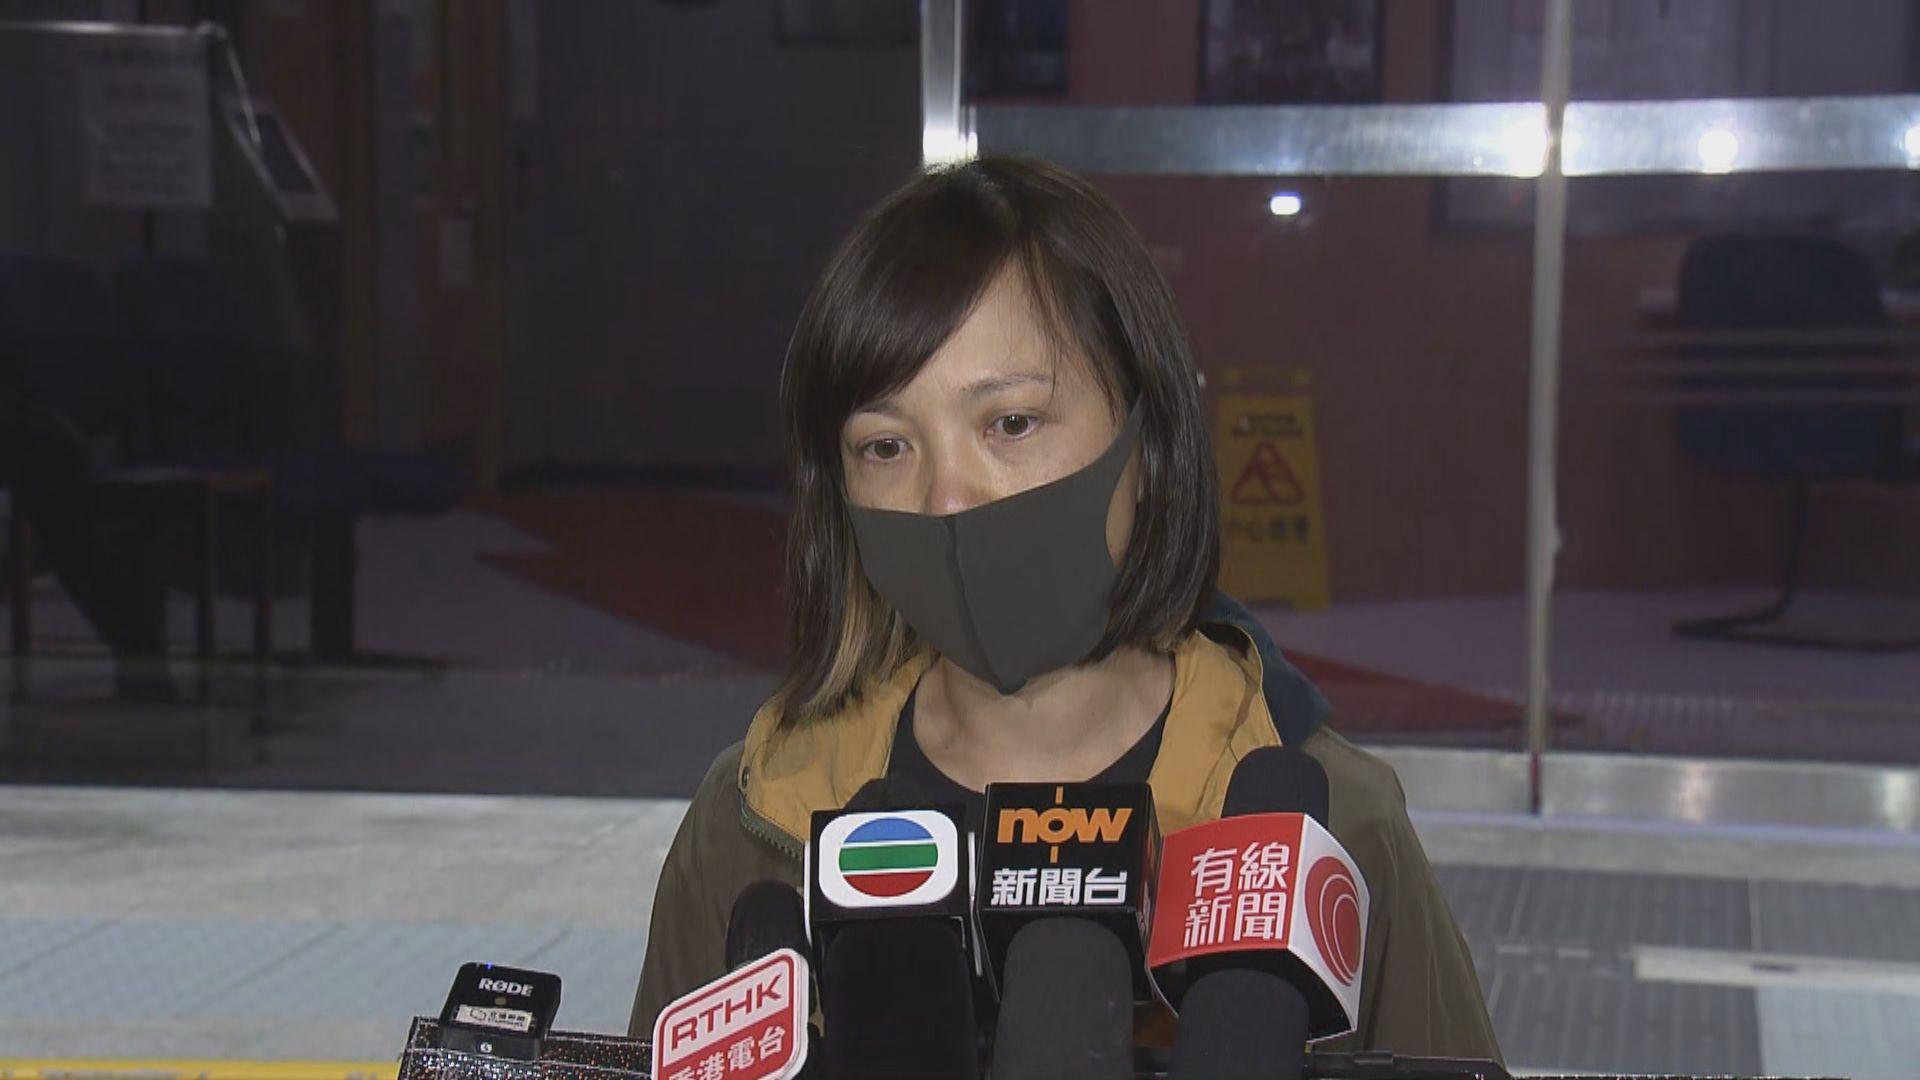 壹傳媒三名高層獲保釋 陳沛敏感謝同事謹守崗位